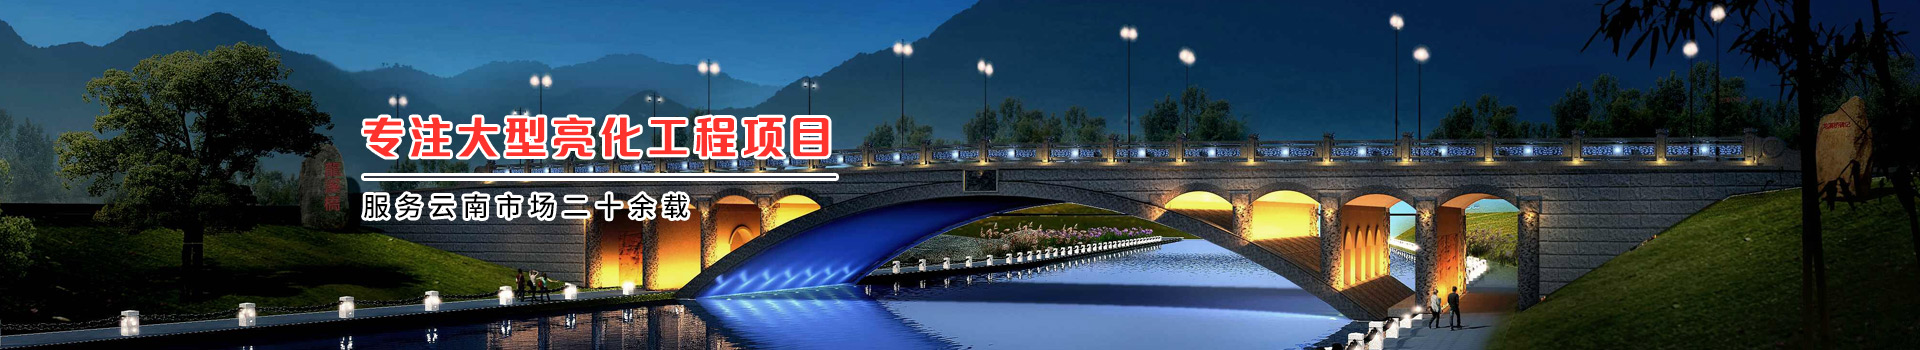 有恒电子-专注大型亮化工程项目,服务云南市场二十余载